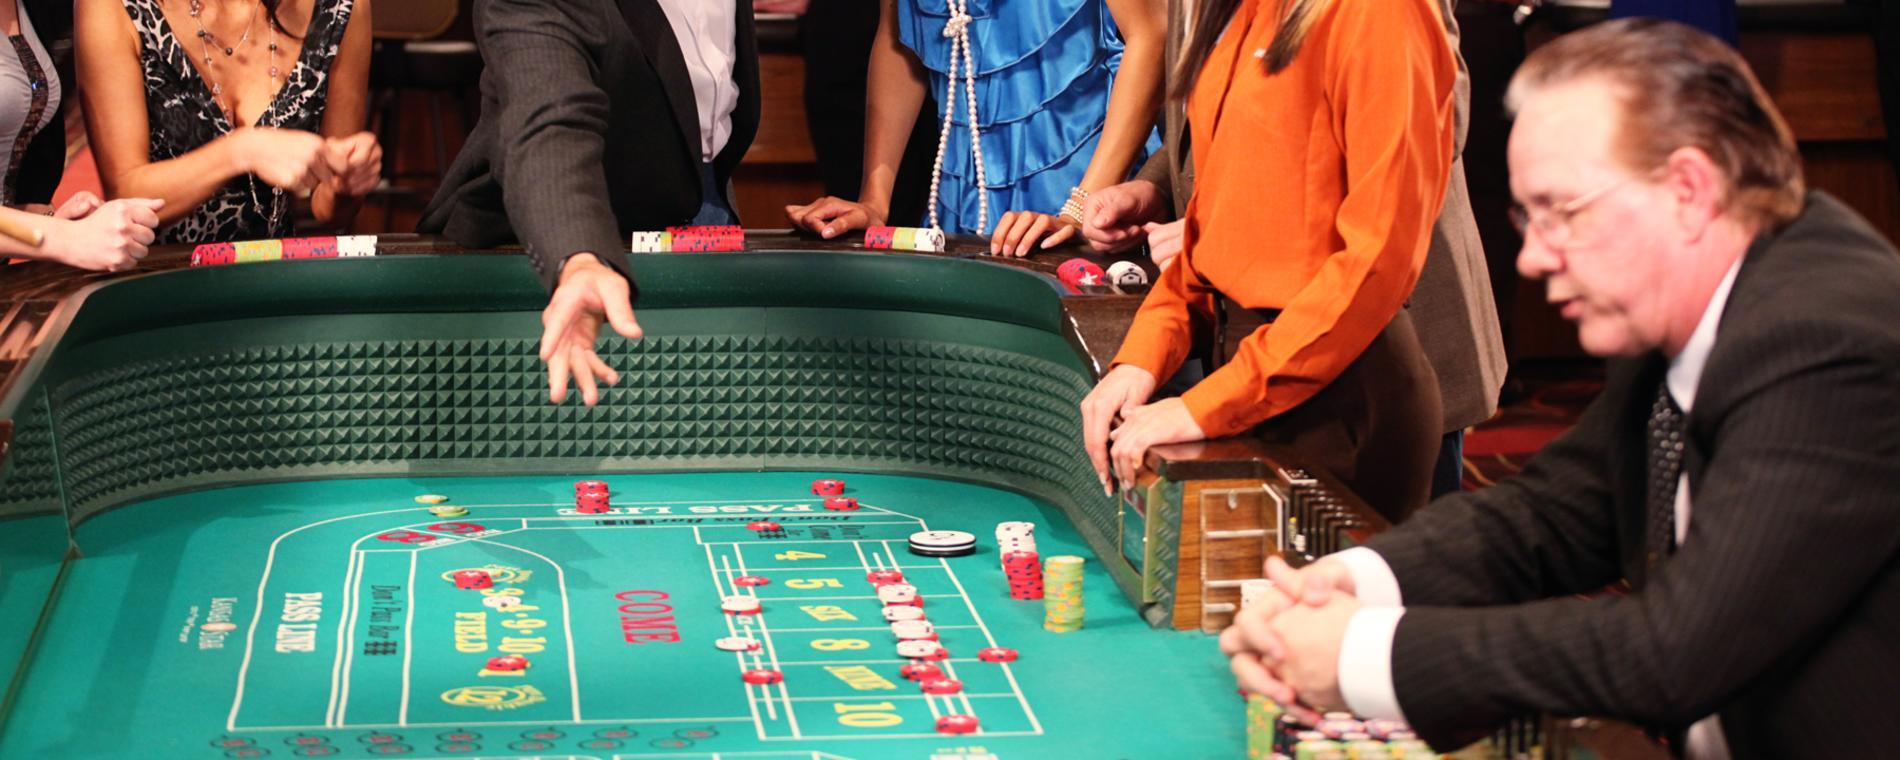 Au casino nain jaune